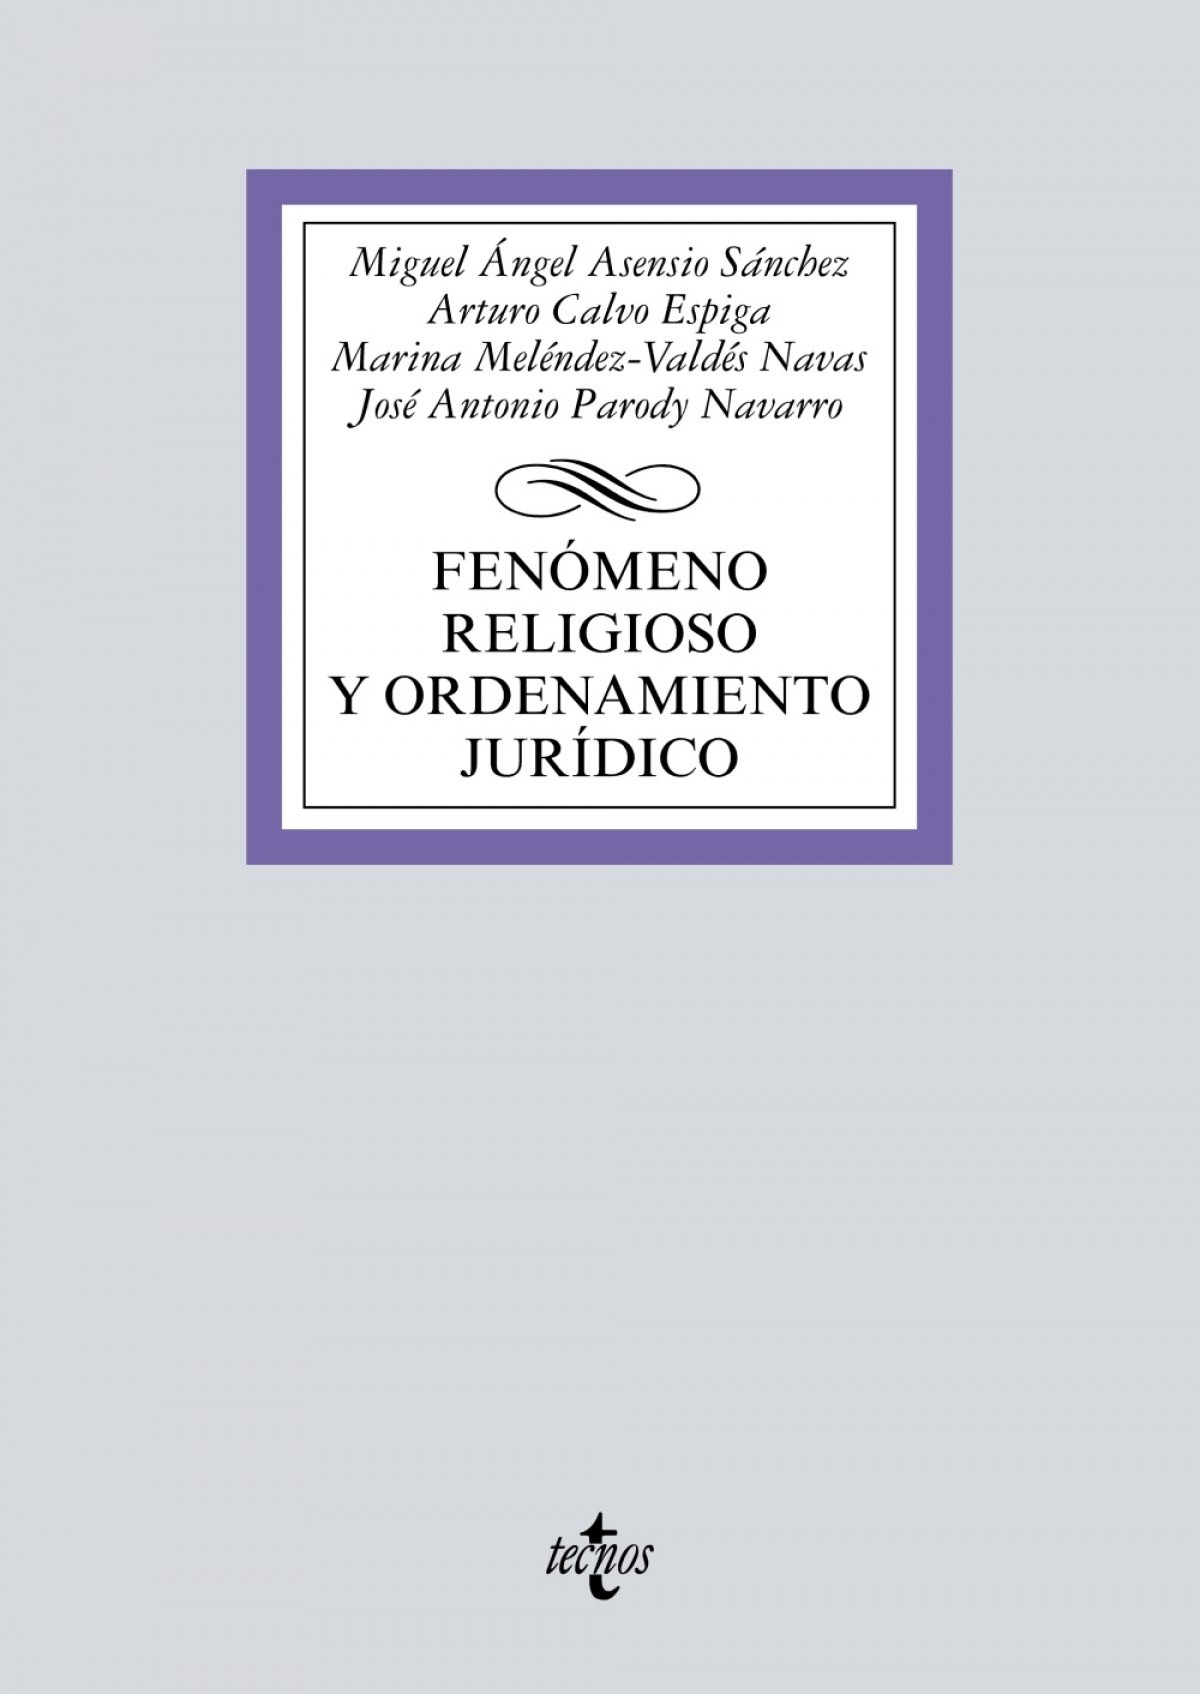 (2017).FENOMENO RELIGIOSO Y FUNDAMENTOS JURIDICOS